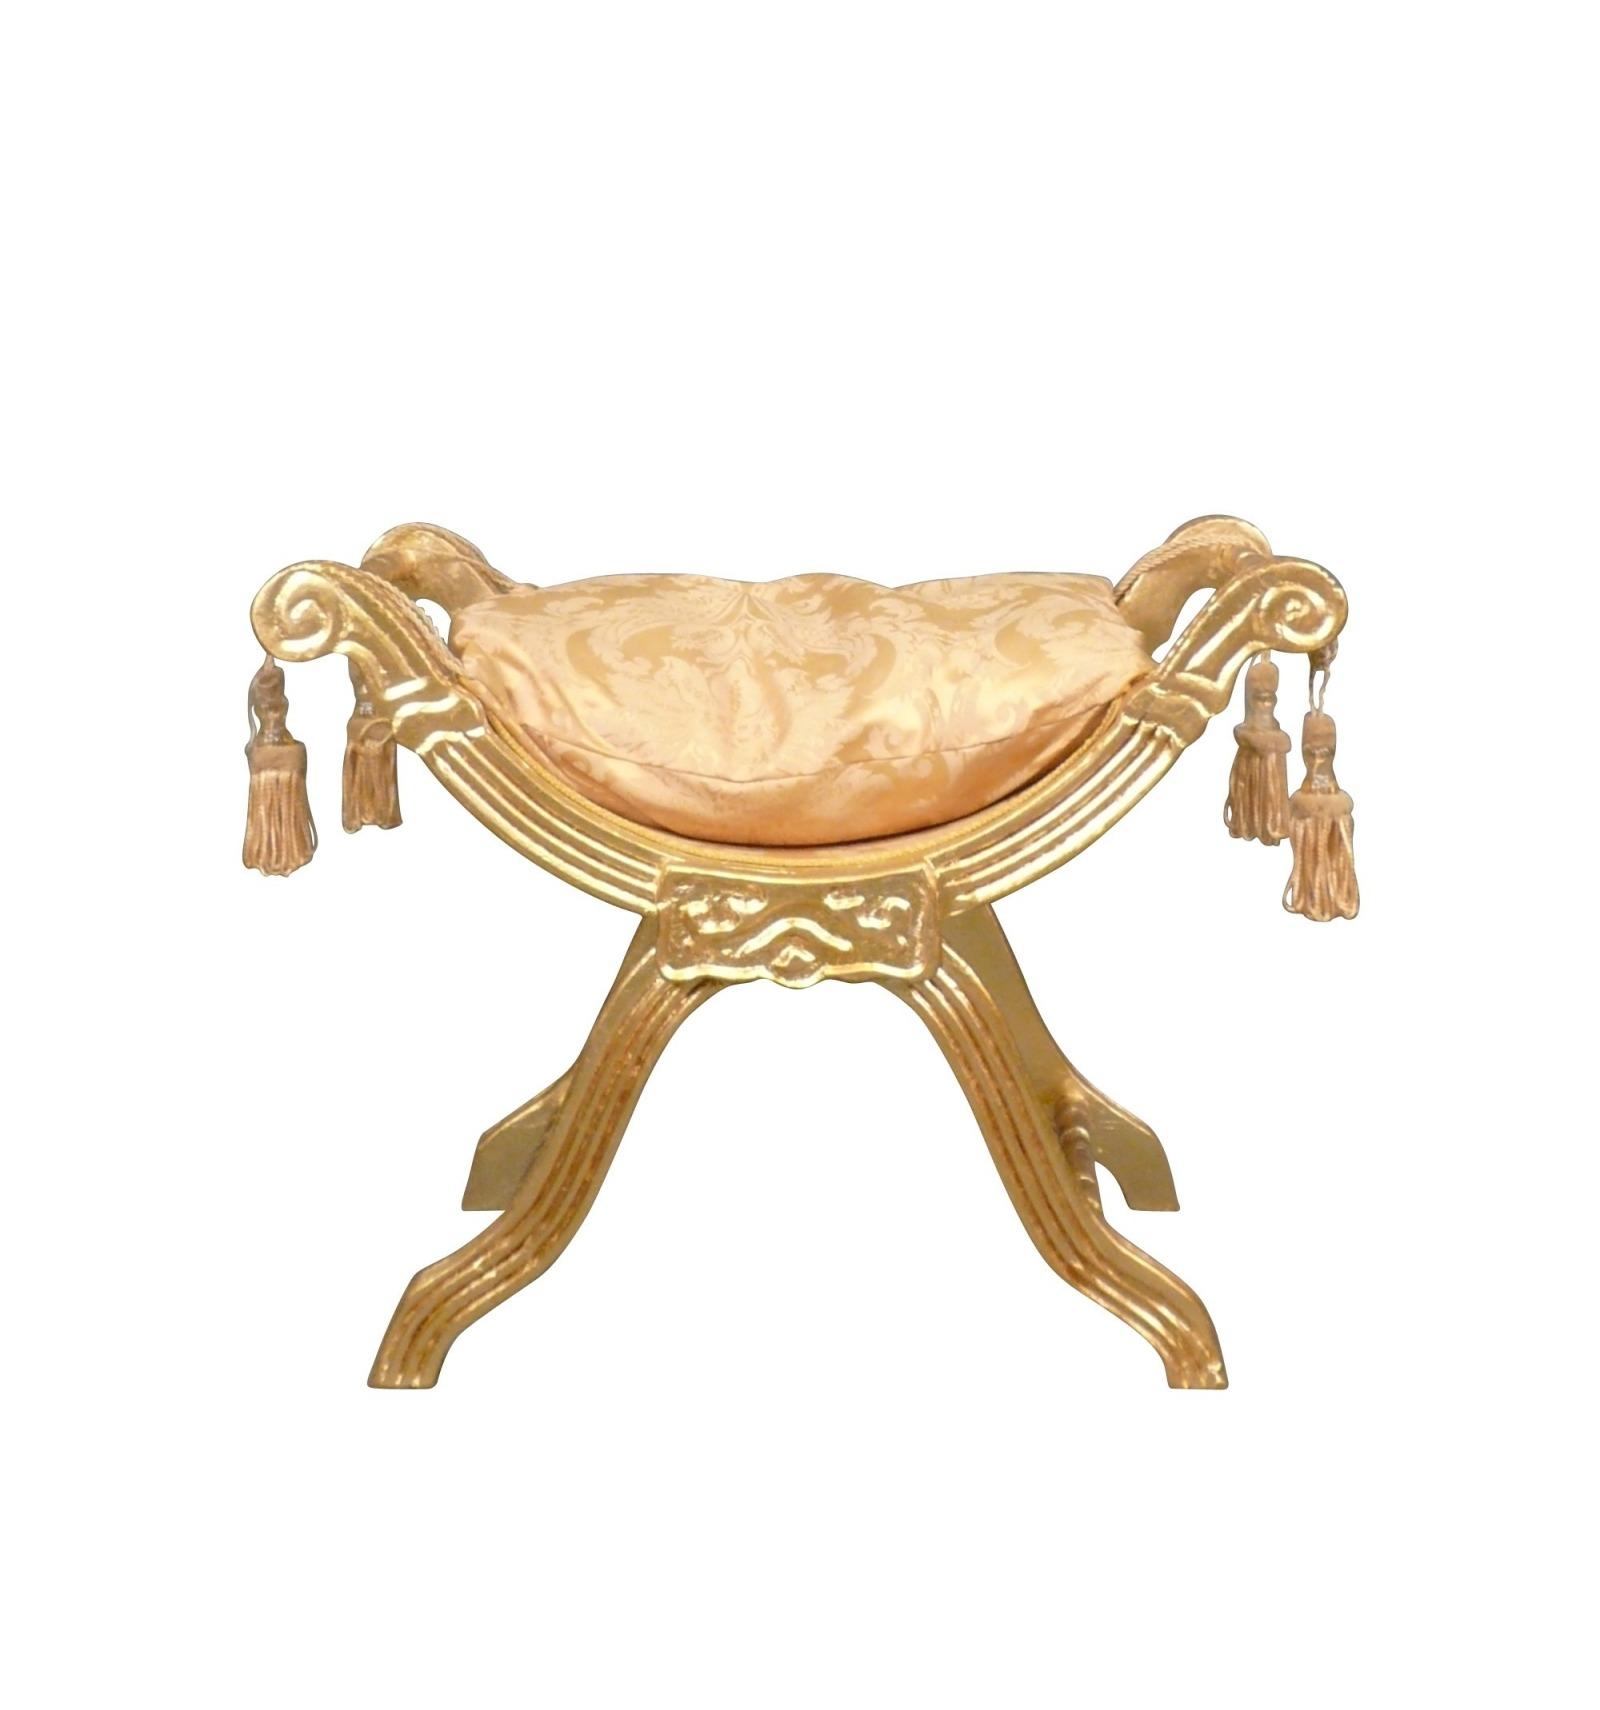 Banco barroco de la tela y madera dorada